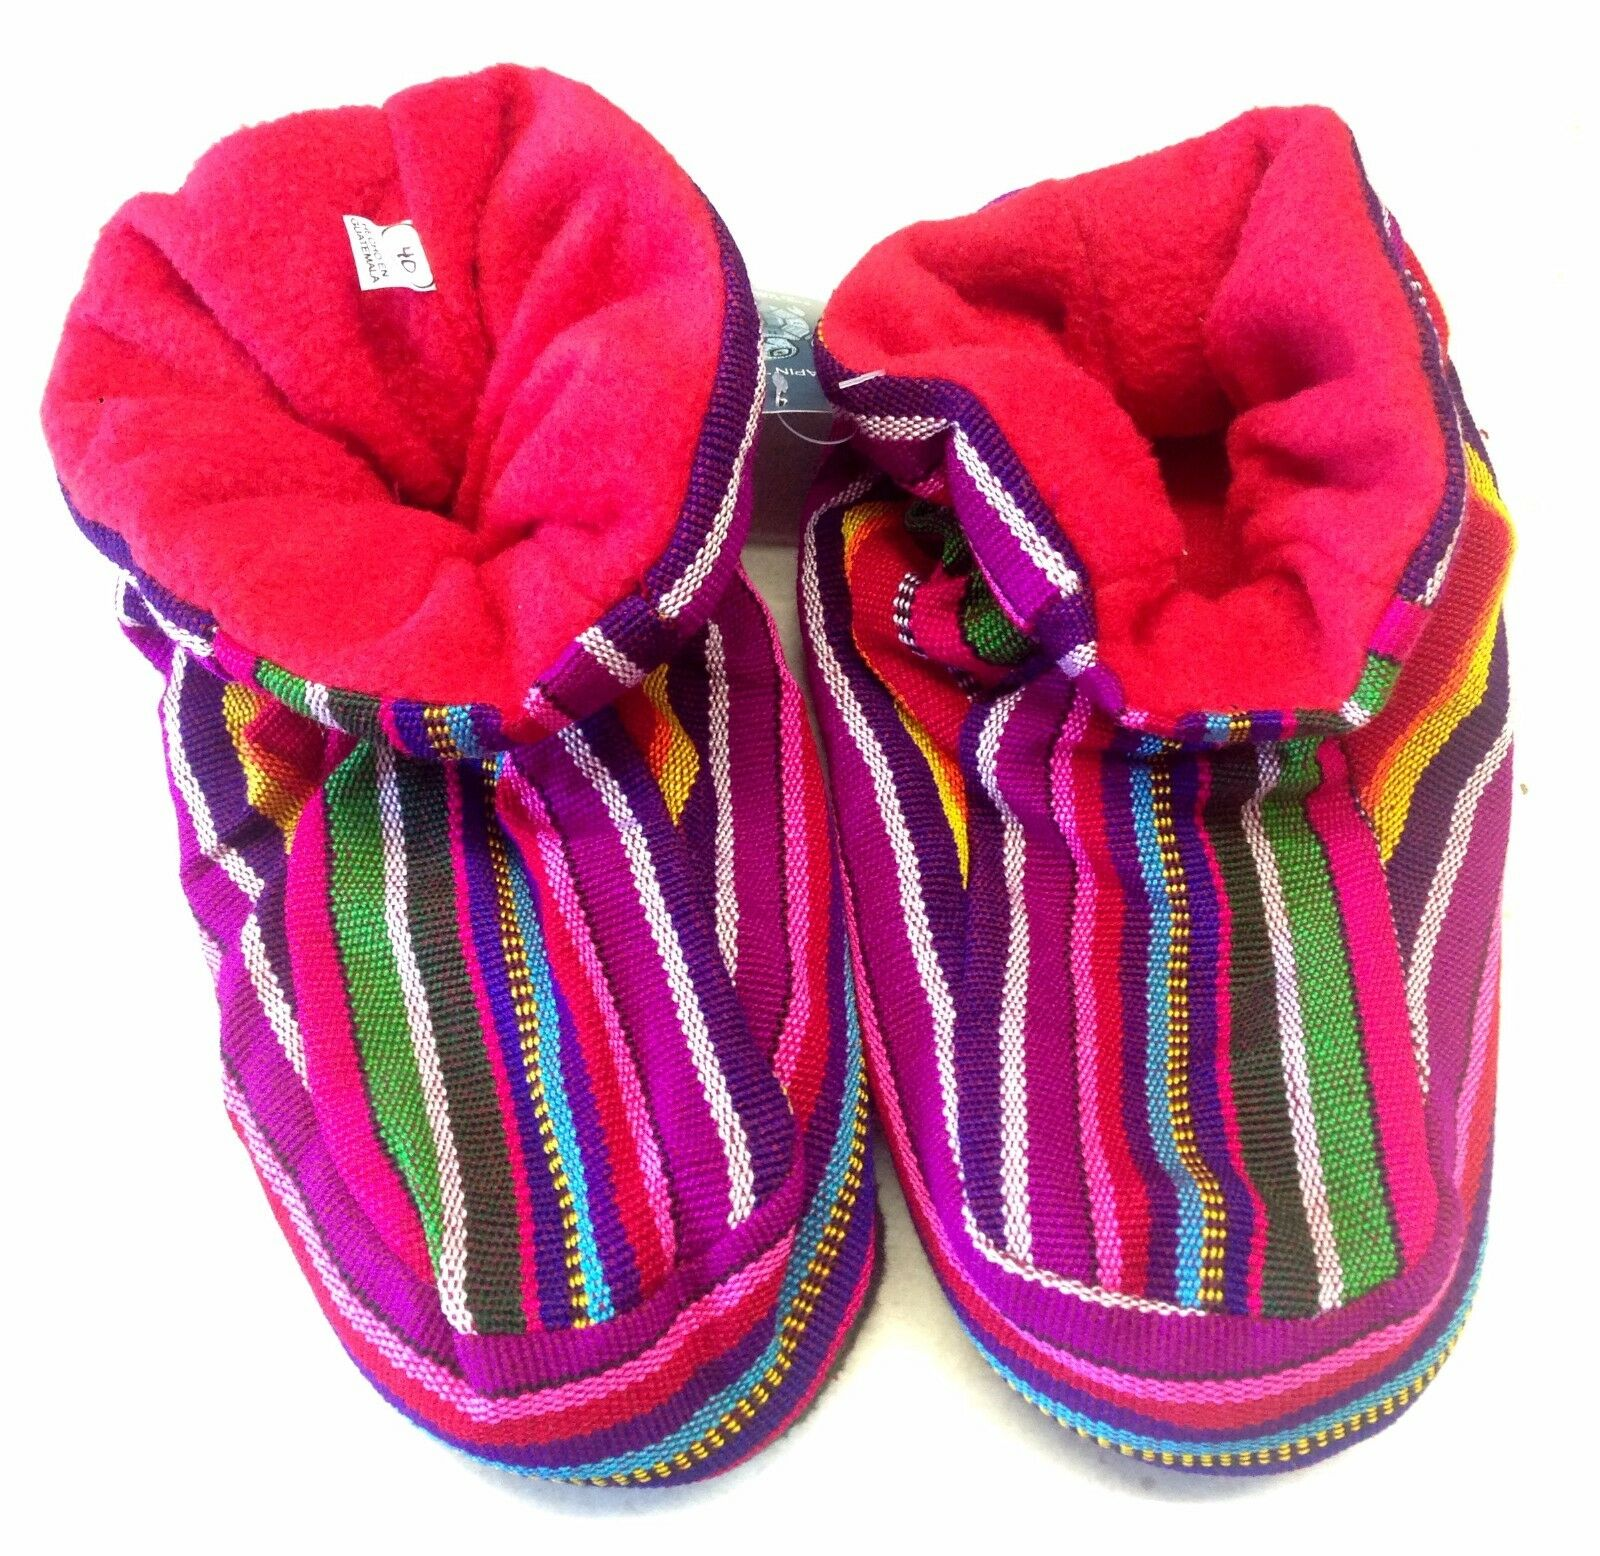 les rainbow hommes chers unisexe toison hiver harlequin hippy bright rainbow les pantoufles 5a76f4